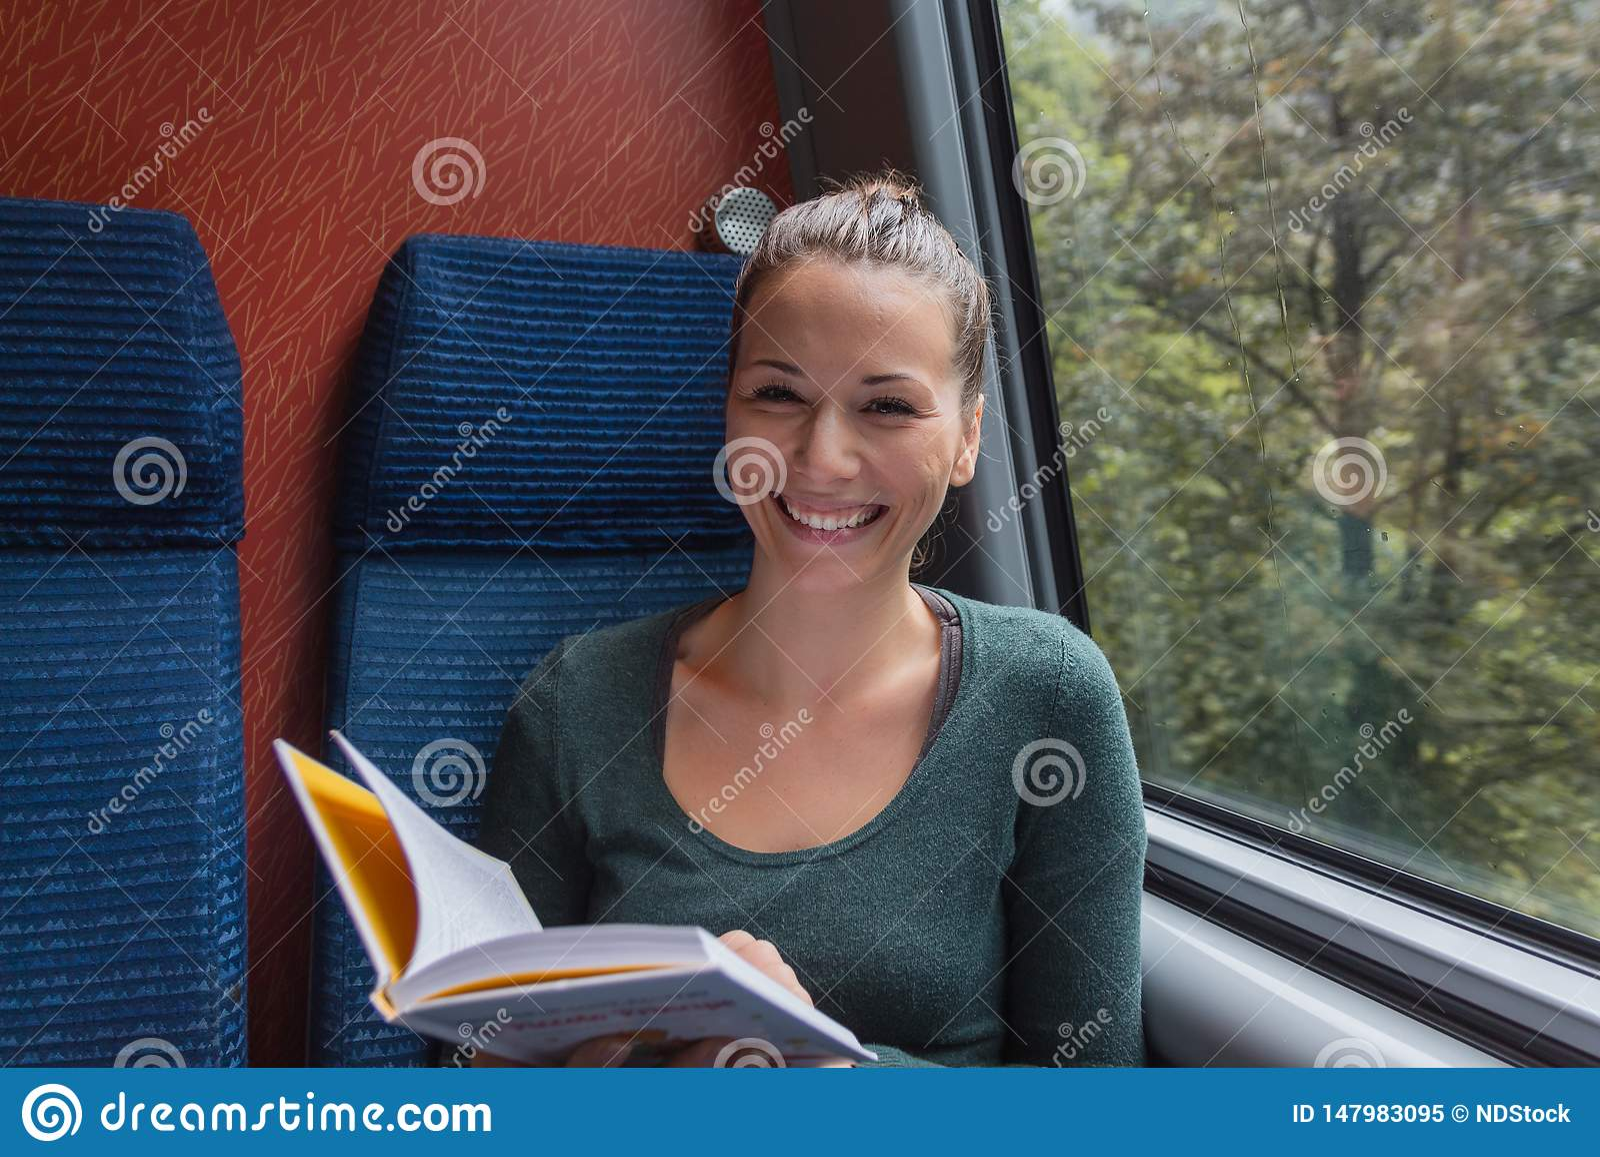 Junge nette Frau, die ein Buch beim Reisen mit dem Zug lächelt und liest